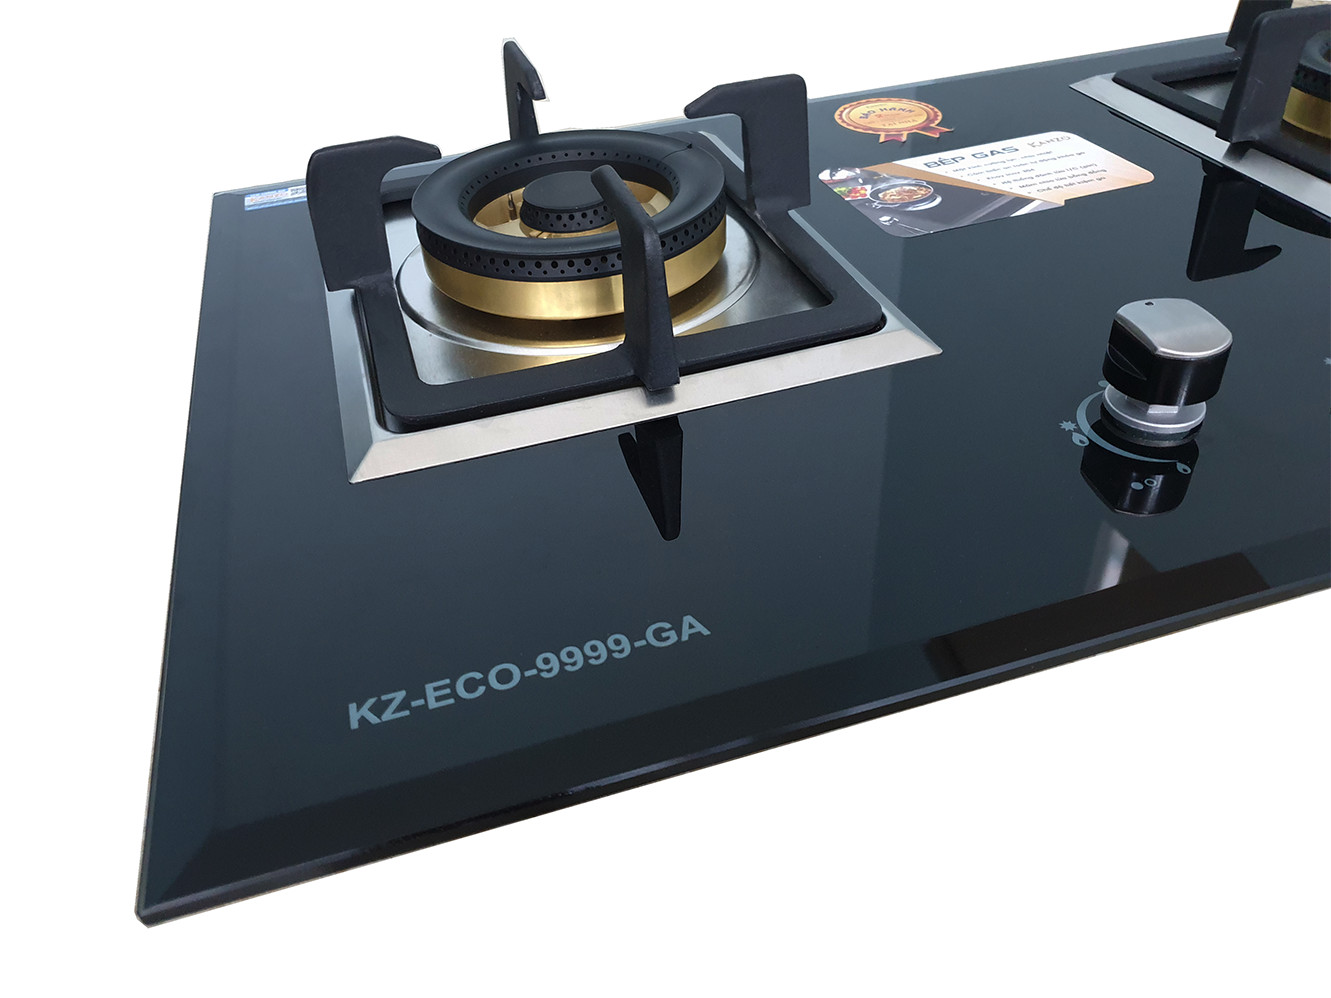 Bếp gas âm Kanzo KZ-ECO-9999-GA 2 Mâm - Germany Technology - Tích hợp cảm biến- Ngọn lửa xanh - Hàng chính hãng